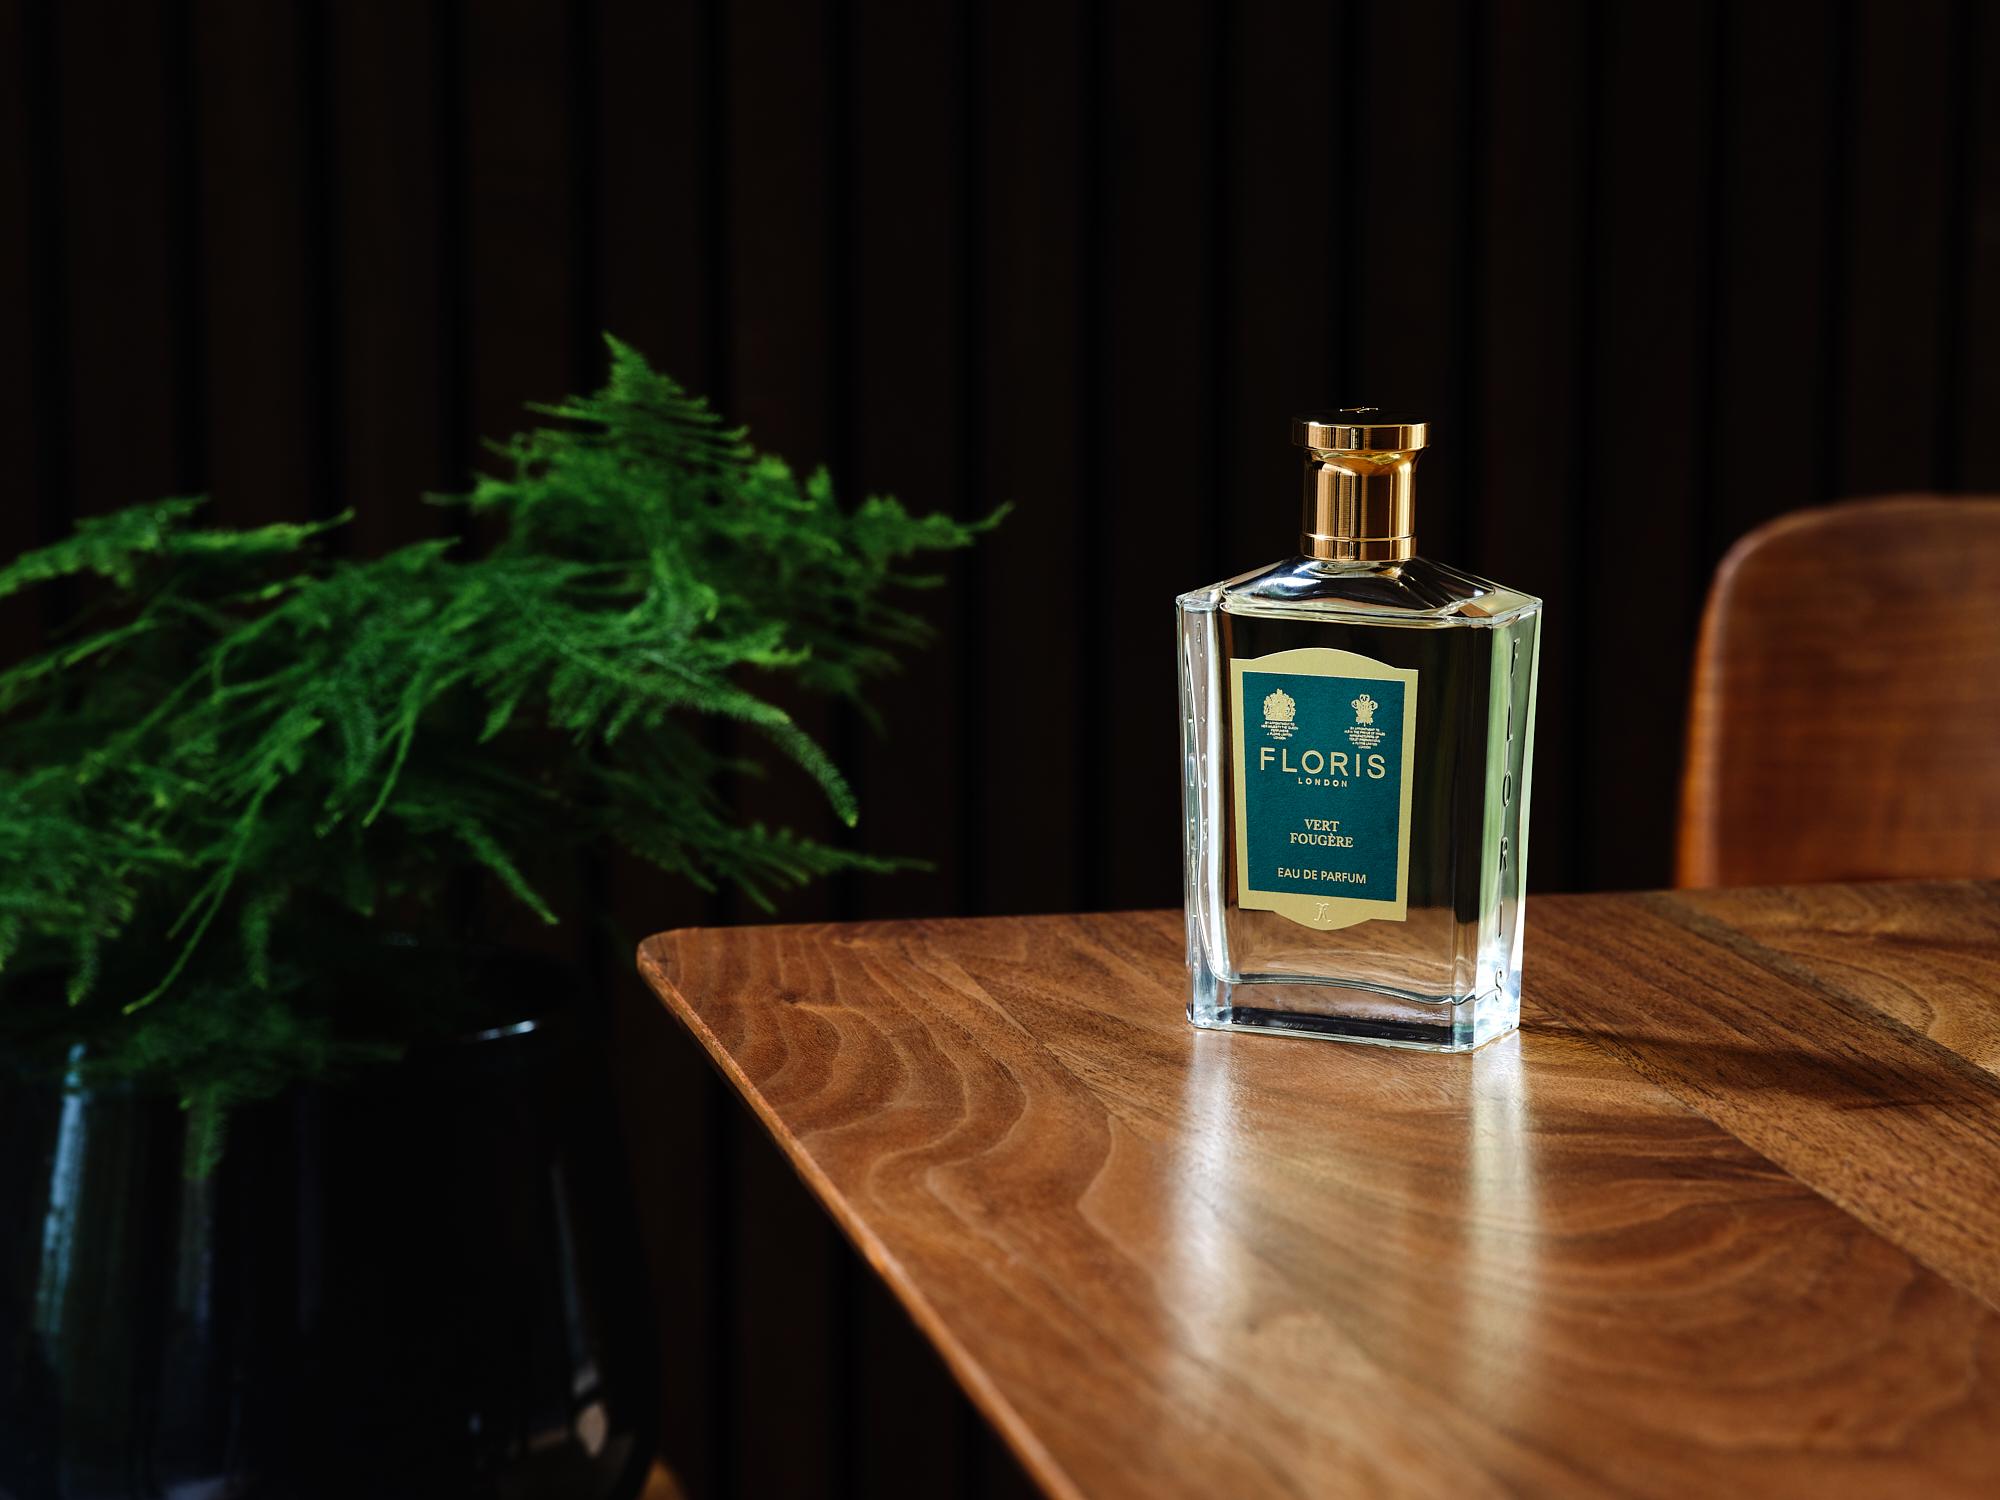 nước hoa mùa thu - thương hiệu Floris London Vert Fougère - 2019 - elle man